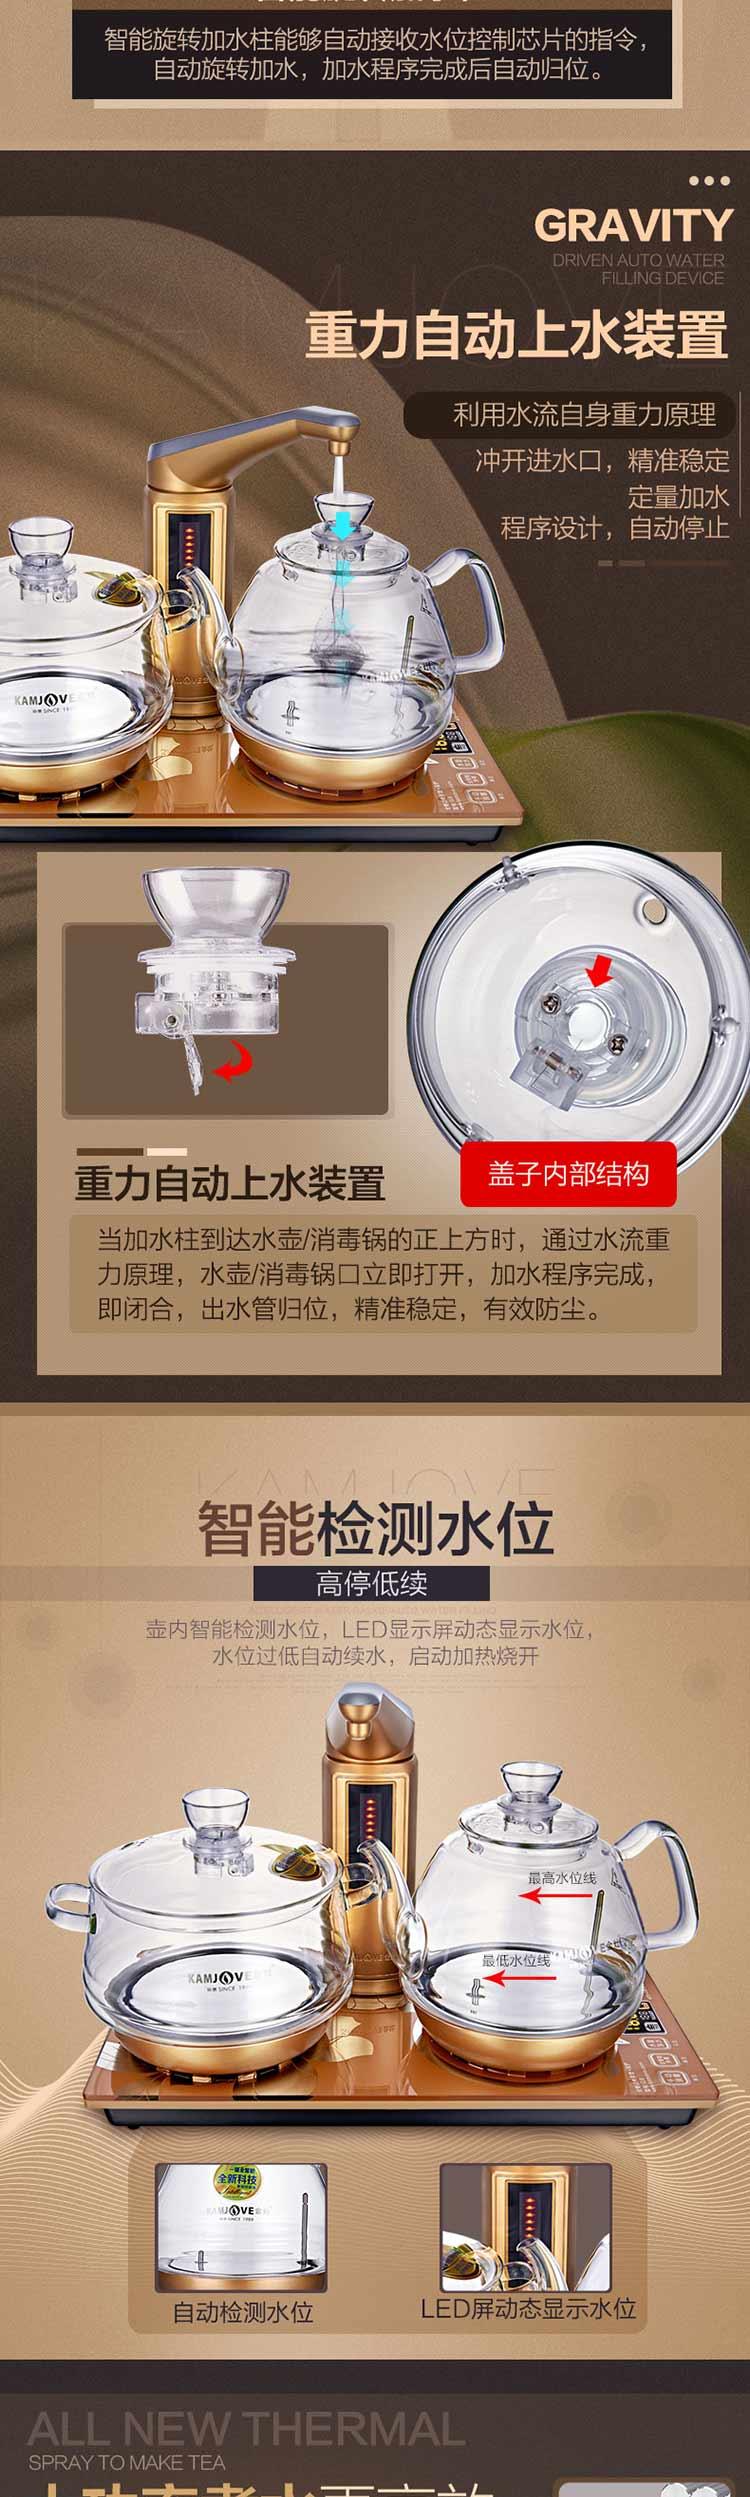 G9【添加进水管】_04